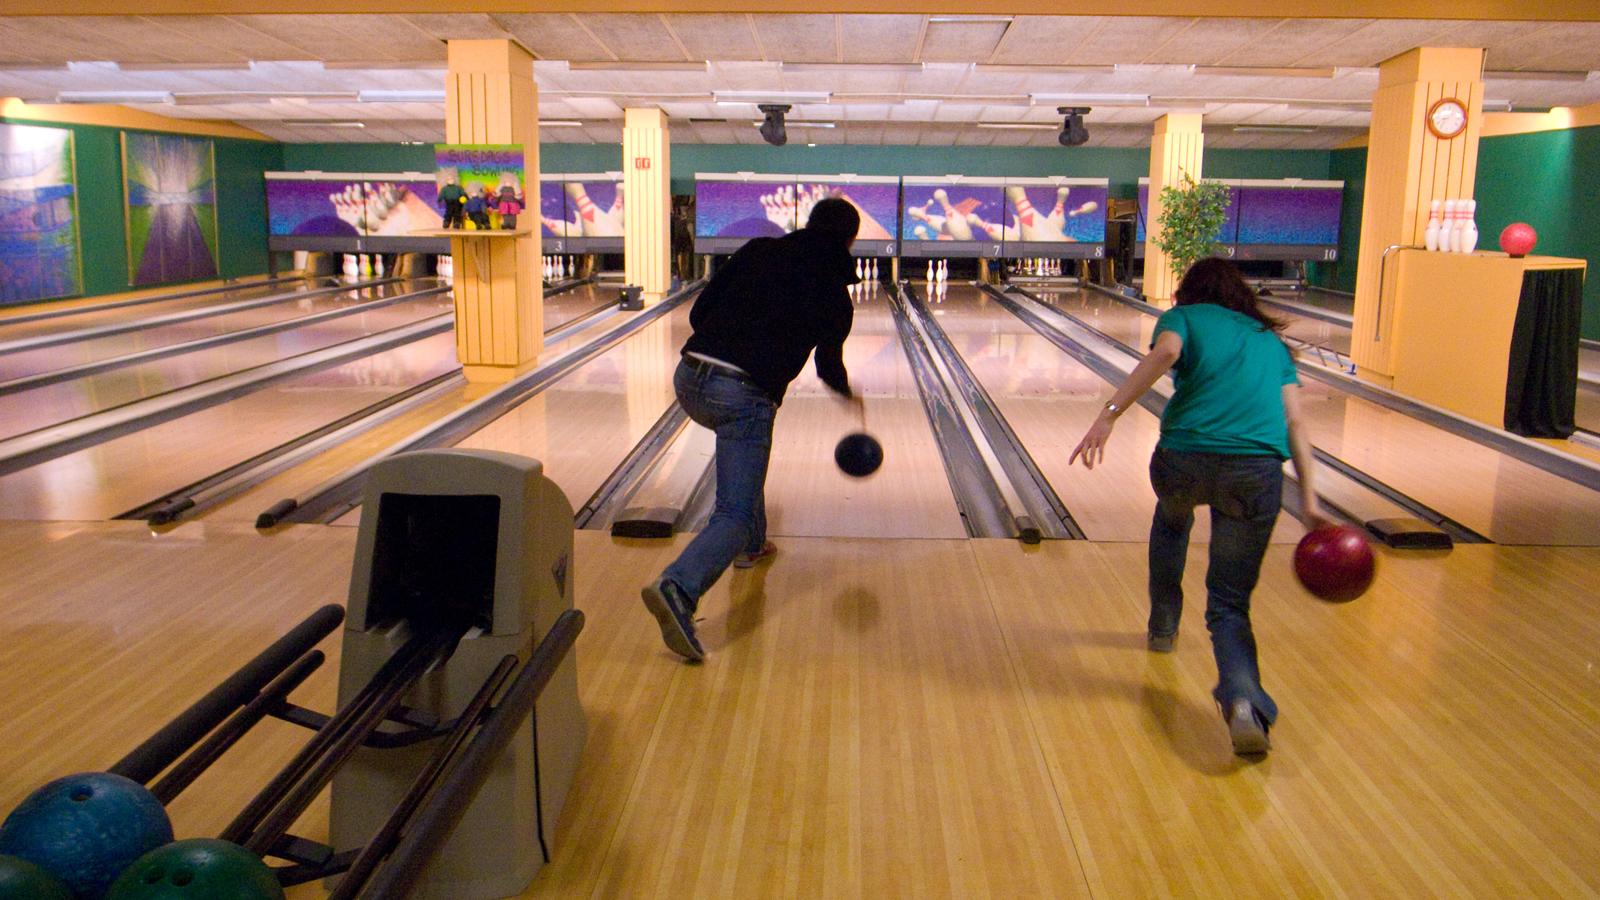 Centrum Bowling i Trondheim, Trøndelag, Foto: Aslak Raanes - Flickr, No changes